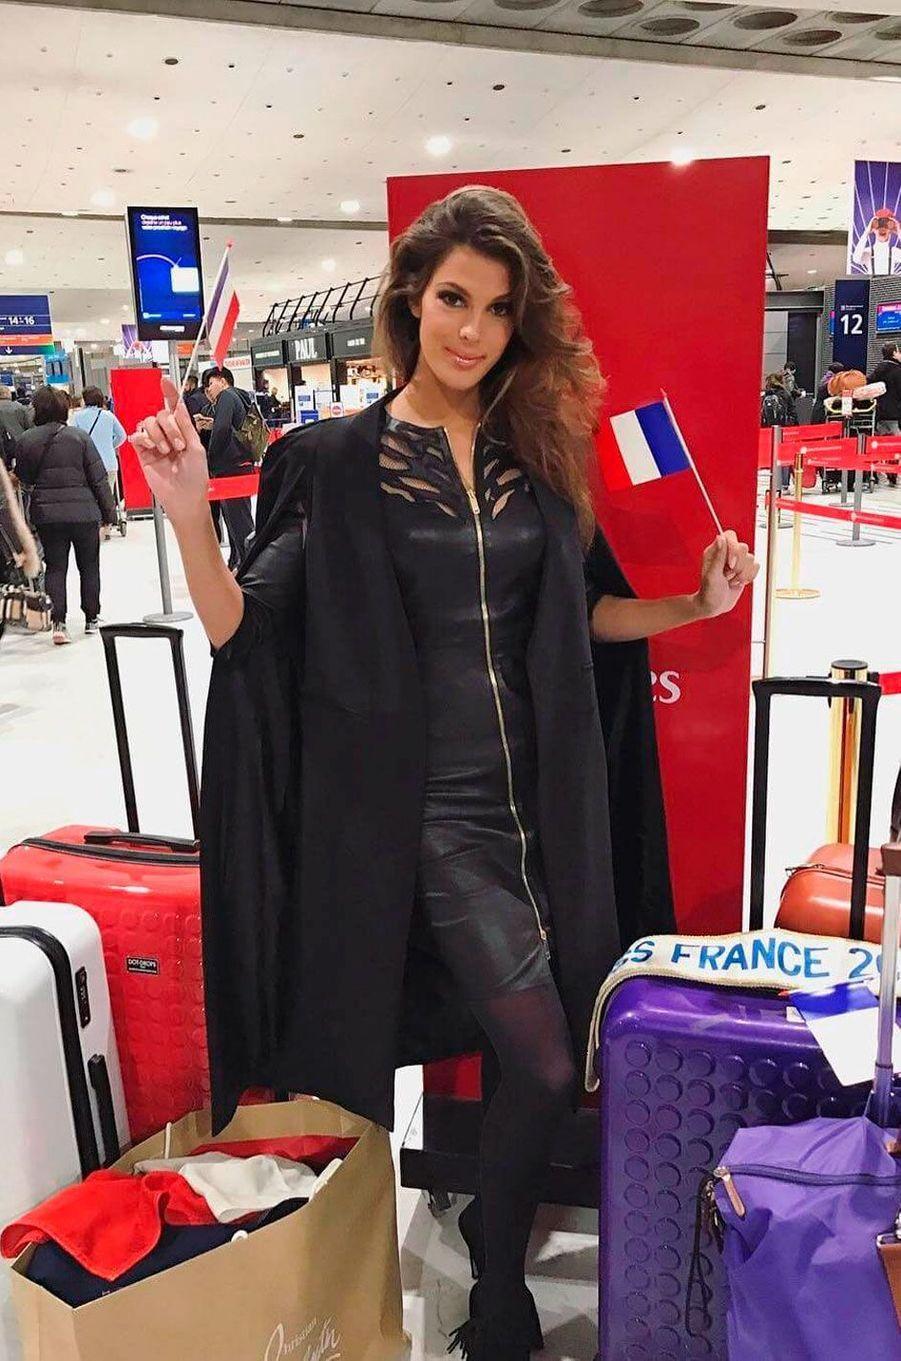 Iris Mitteanere, Miss France 2016 est face à 85 candidates